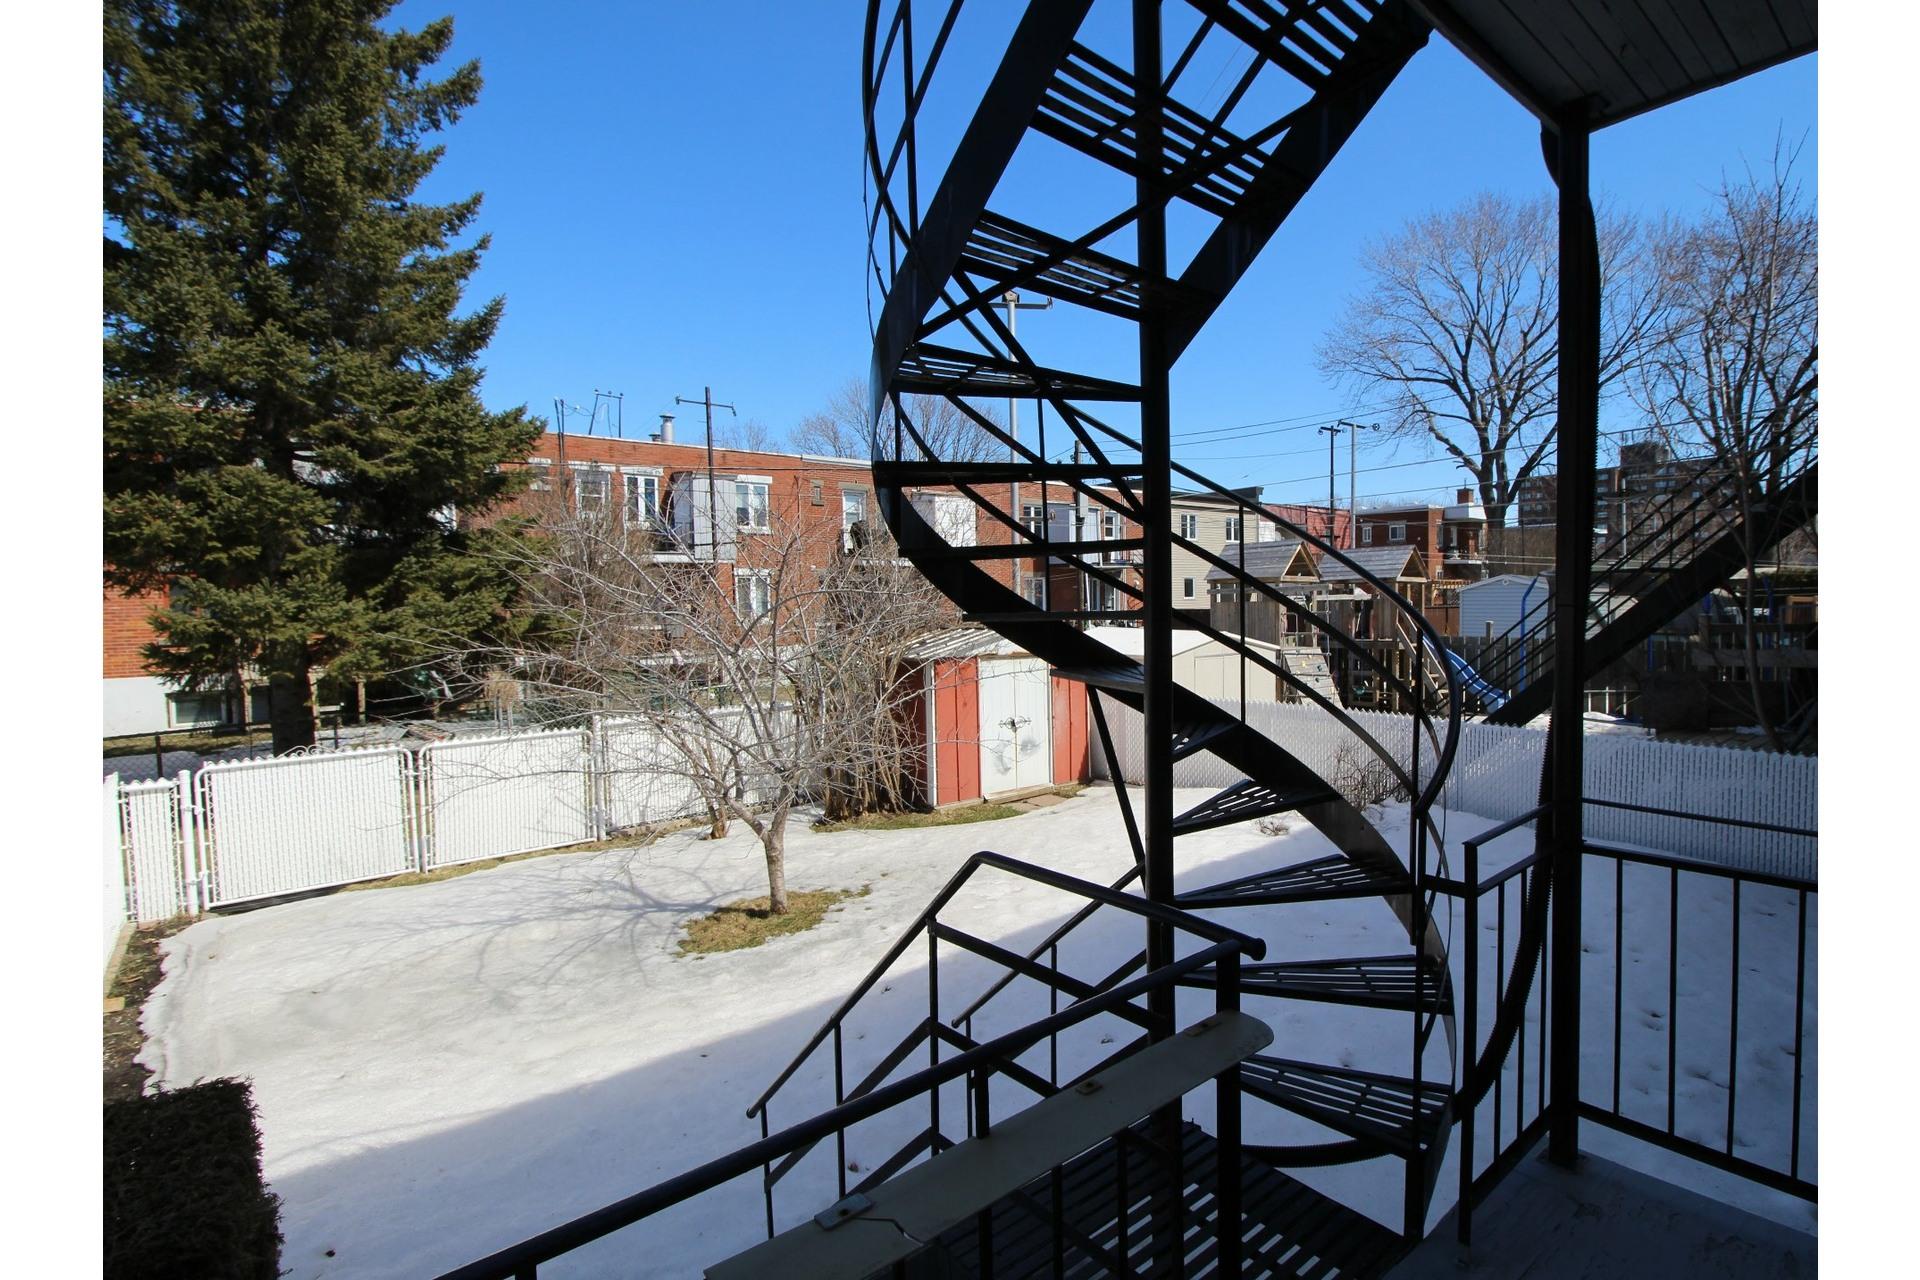 image 23 - Duplex À vendre Montréal Rivière-des-Prairies/Pointe-aux-Trembles  - 6 pièces